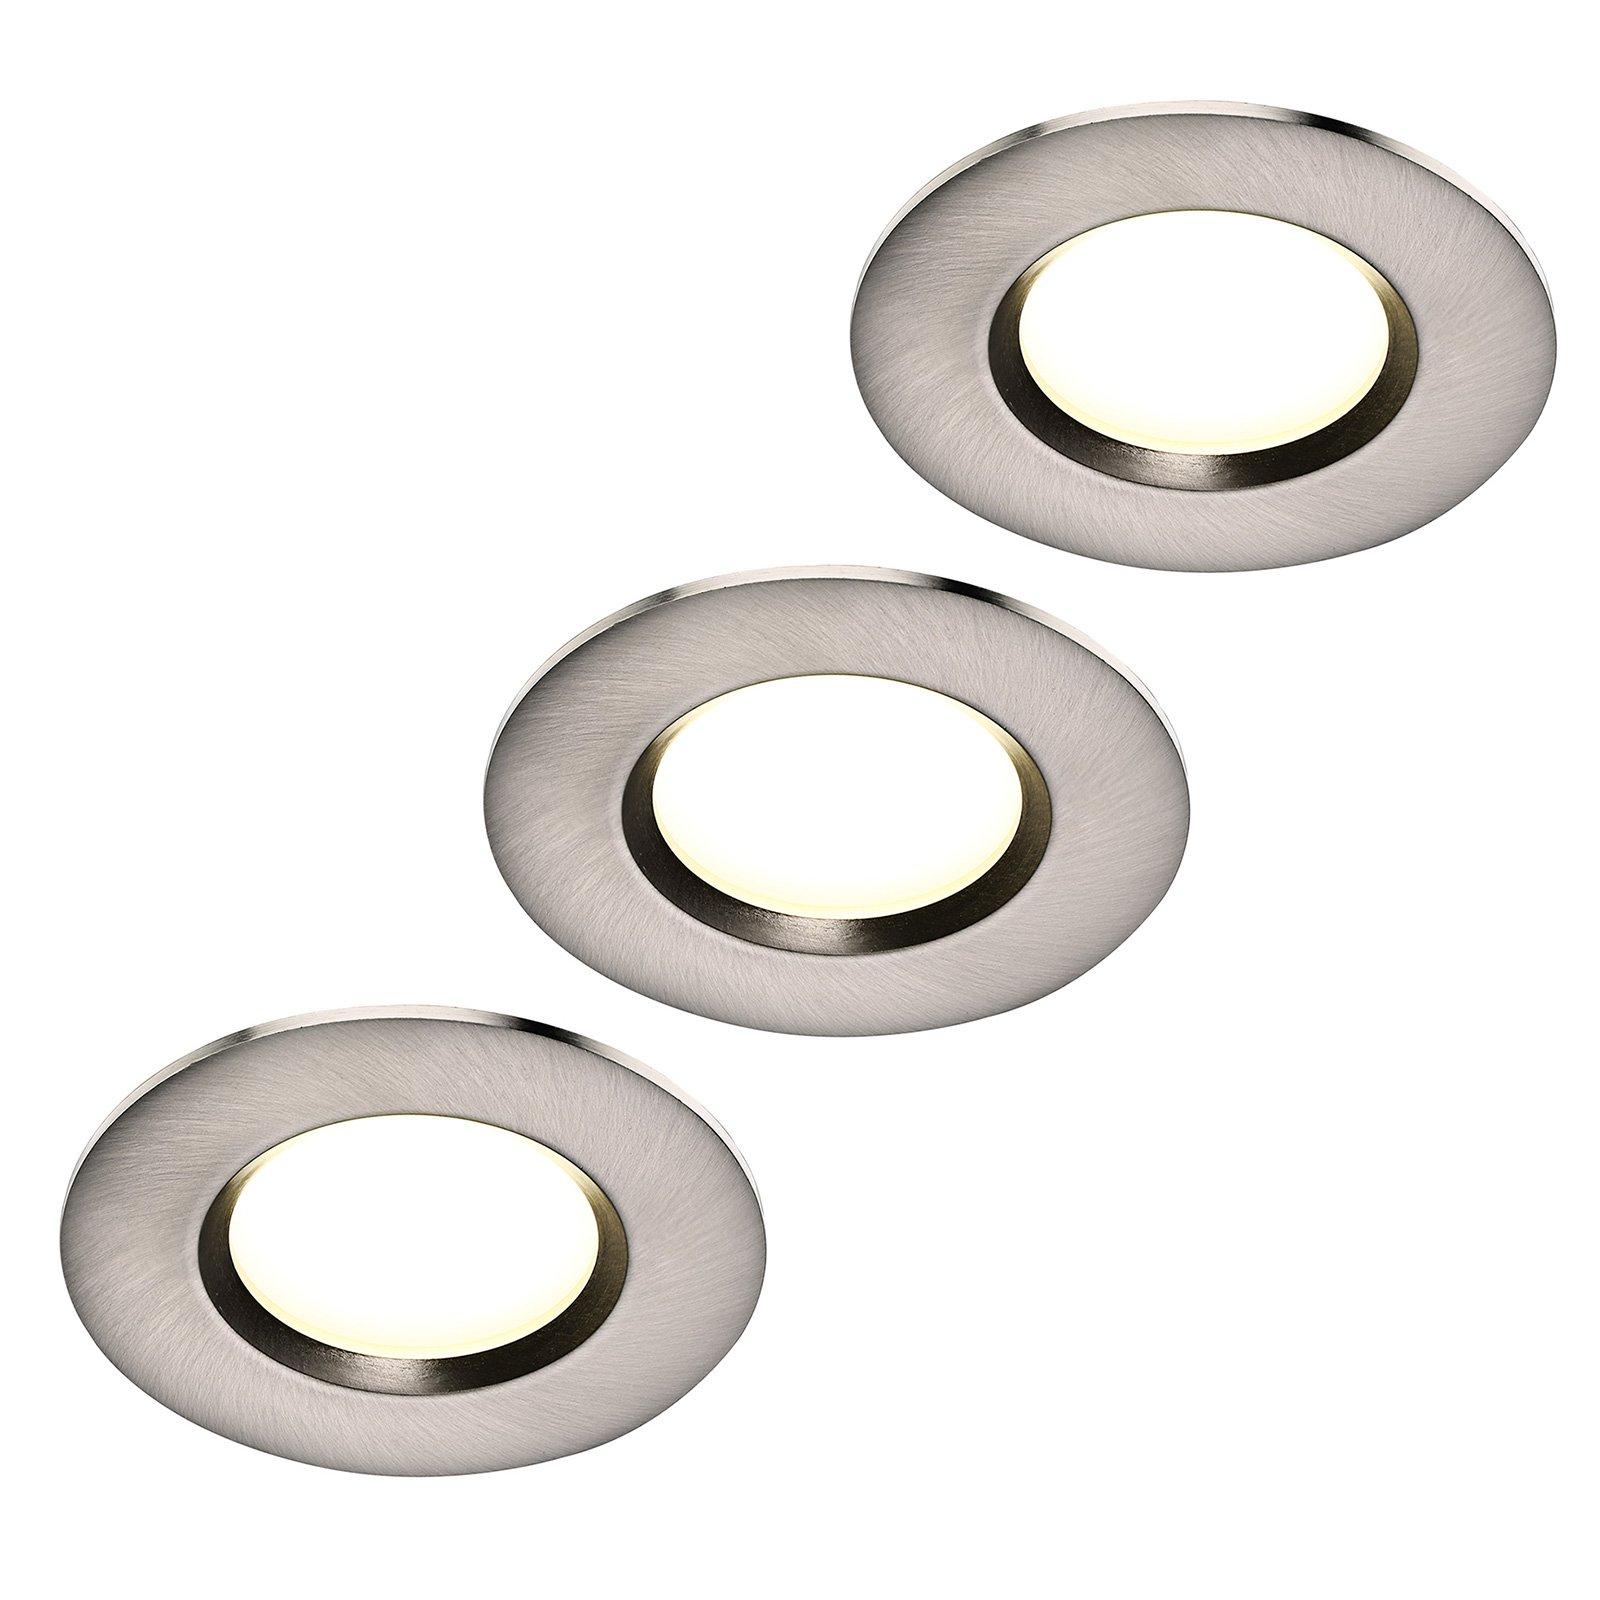 LED-downlight Clarkson 3-er-sett, rund, stål